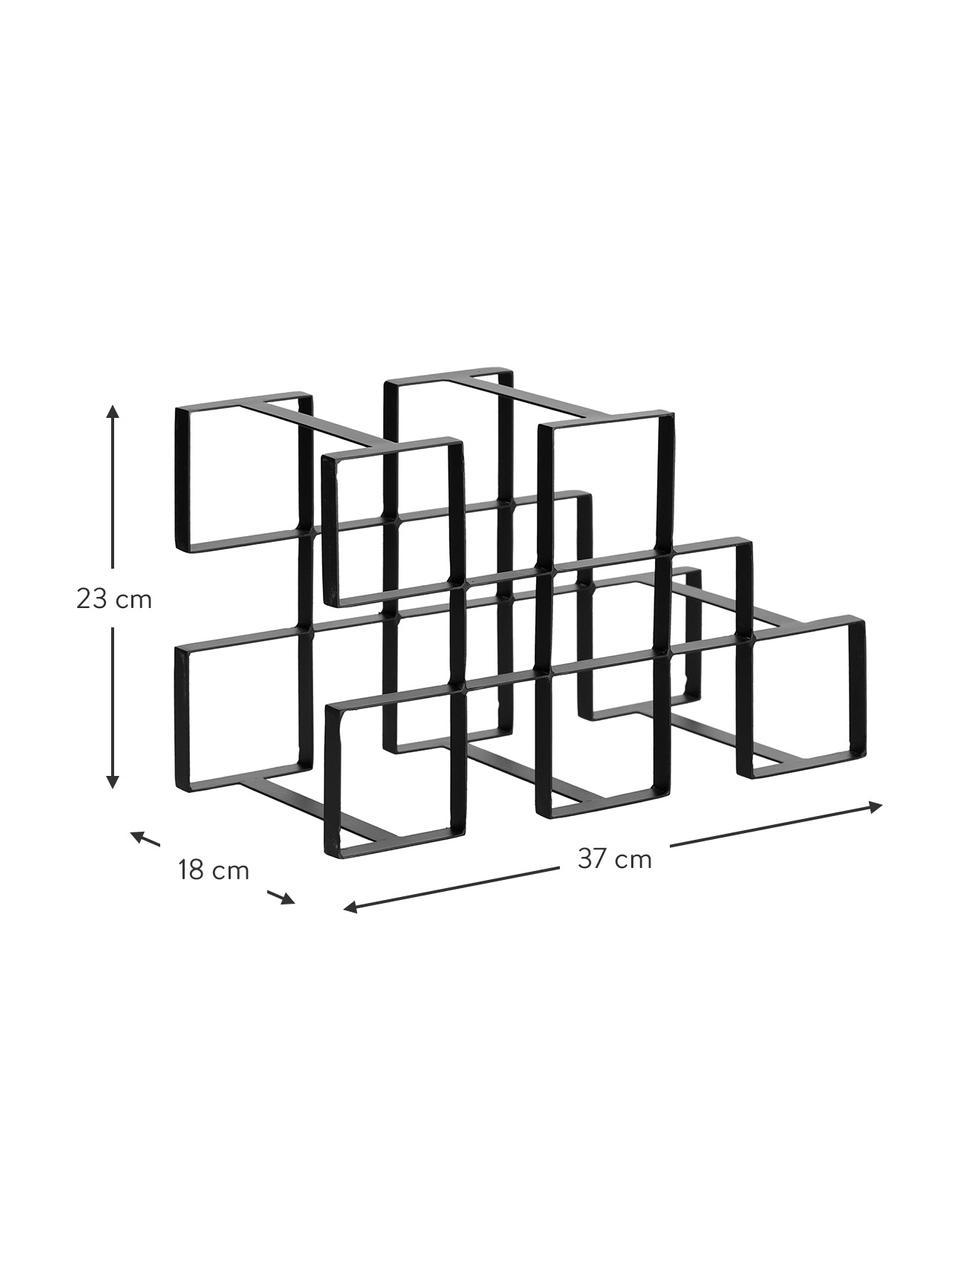 Weinregal Edur in Schwarz für 5 Flaschen, Metall, beschichtet, Schwarz, 37 x 23 cm